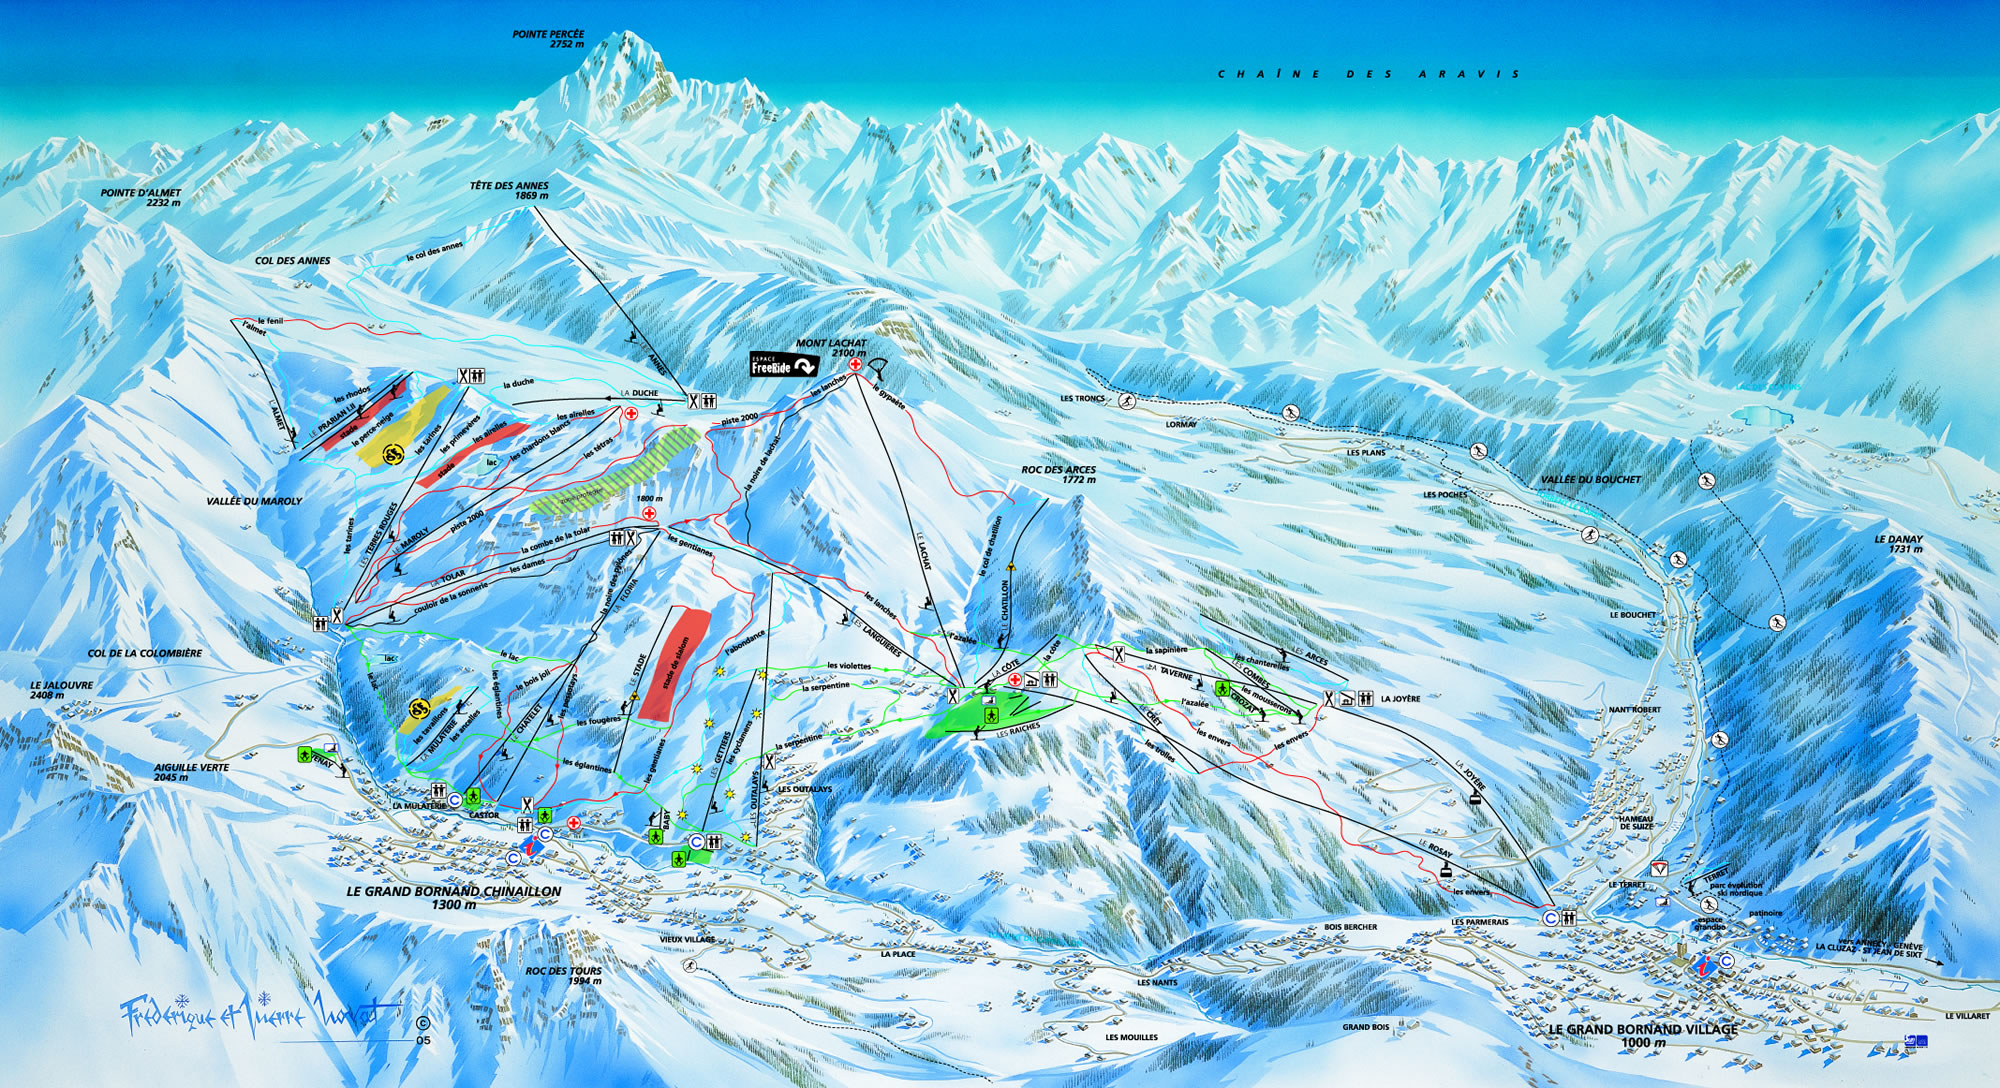 Domaine skiable alpin ski nordique grand bornand le plan des pistes le grand bornand - Office du tourisme grand bornand chinaillon ...